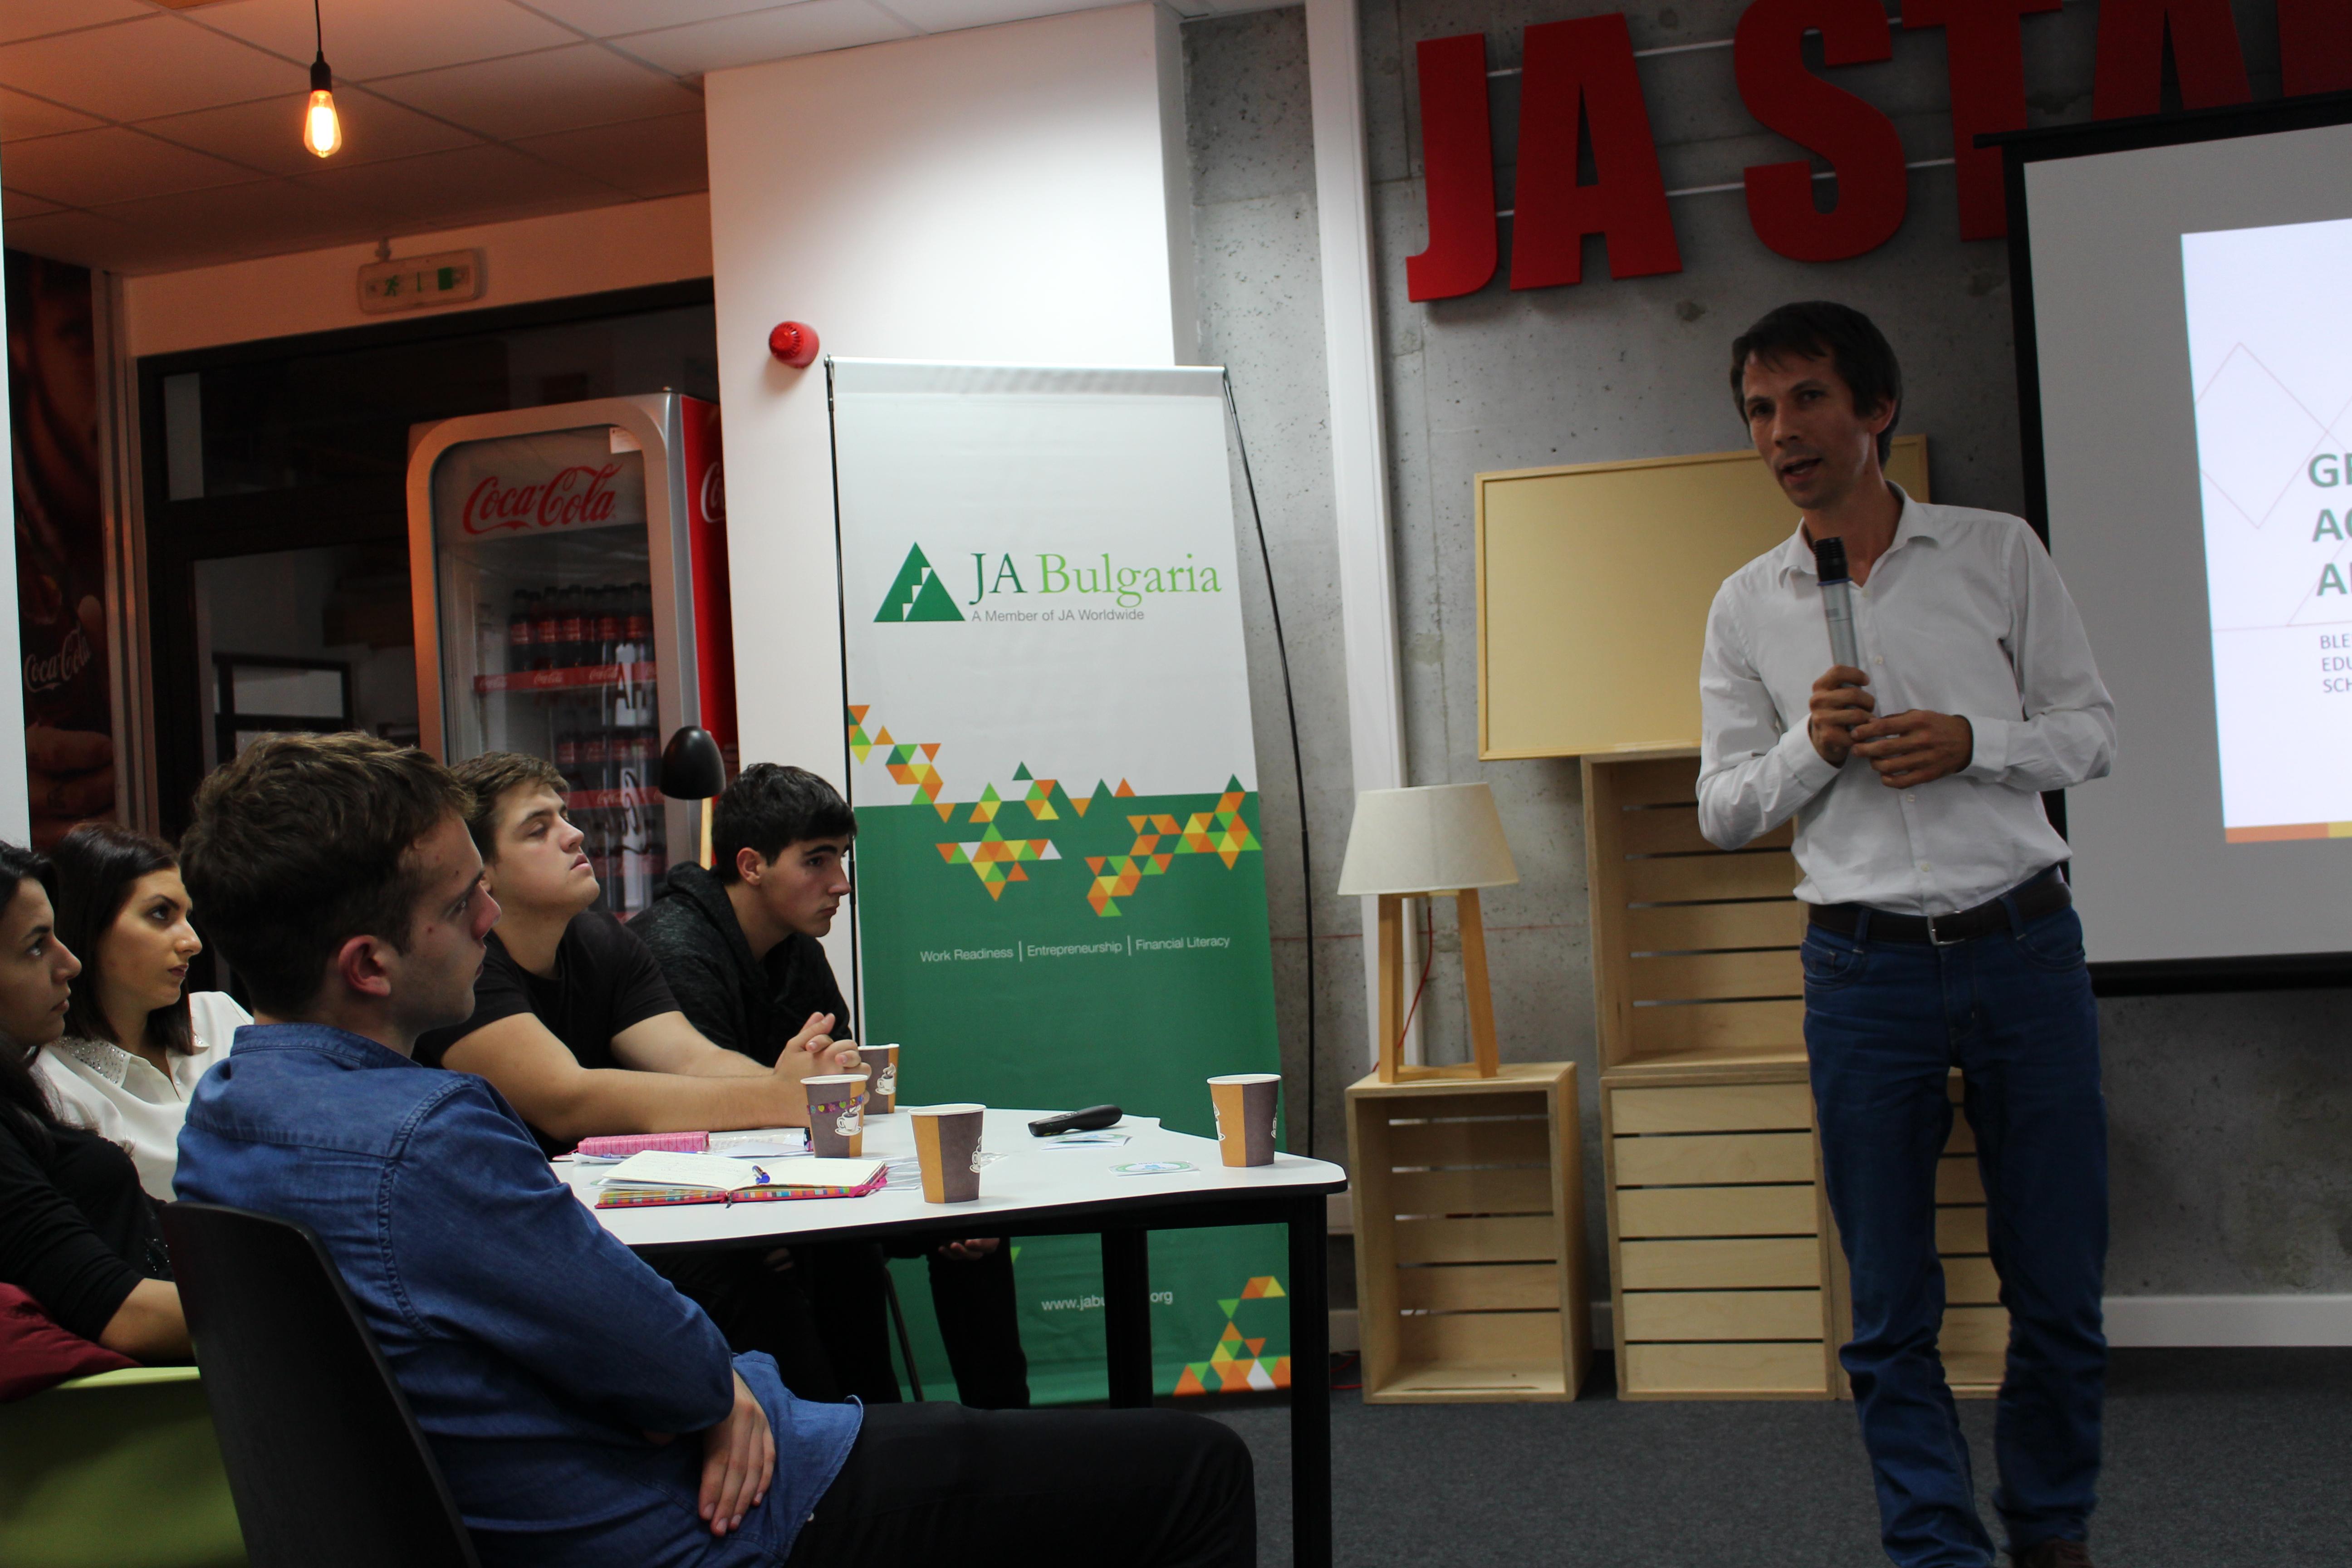 Яни Драгов, един от създателите на най-успешния български органик бранд Roobar, сподели с участниците какво го вдъхновява за устойчив бизнес